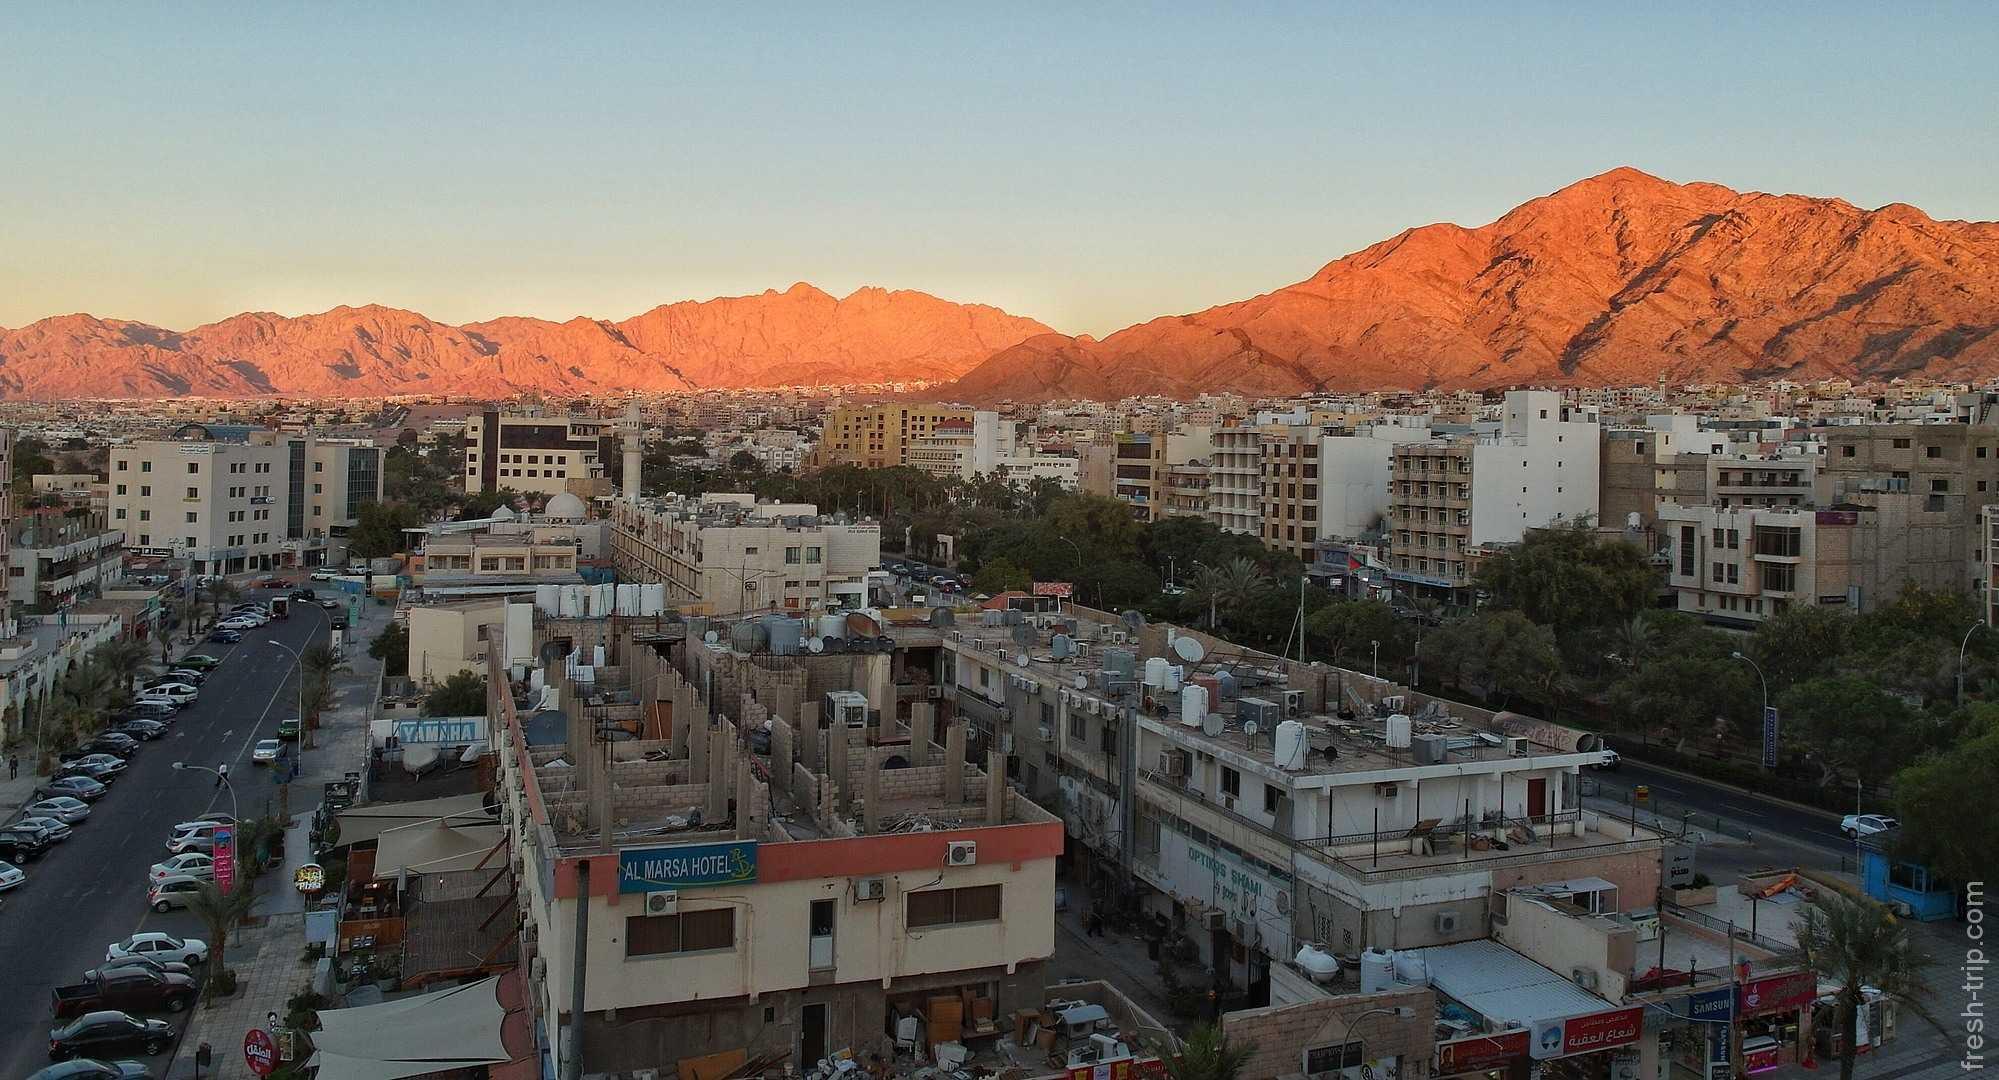 Об иордании - иорданское хашимитское королевство